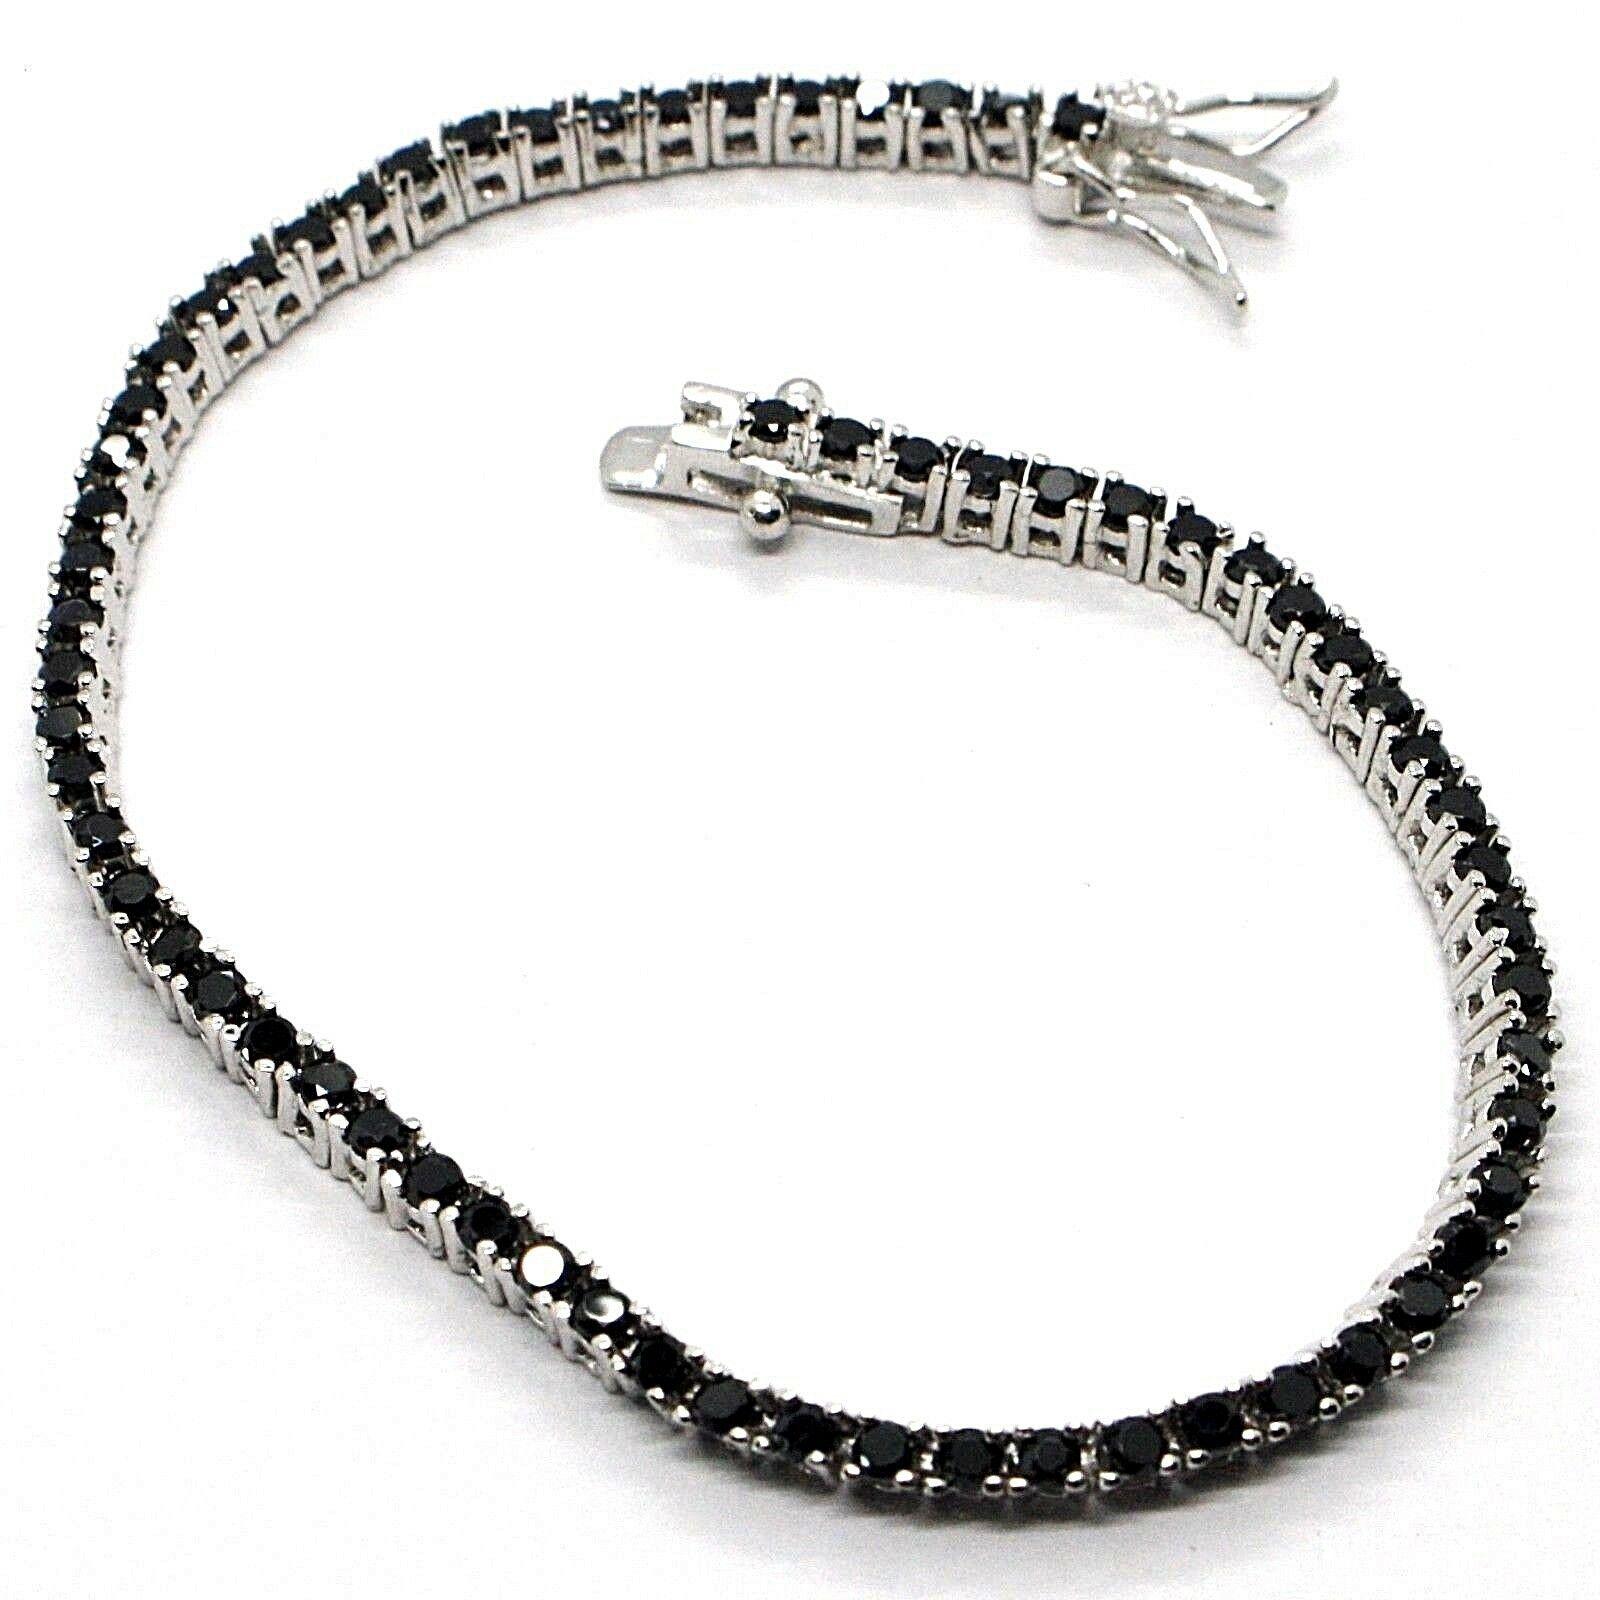 Bracelet Tennis, Argent 925, Zirconia Cubique Noirs, Taille Brillant, 2 MM